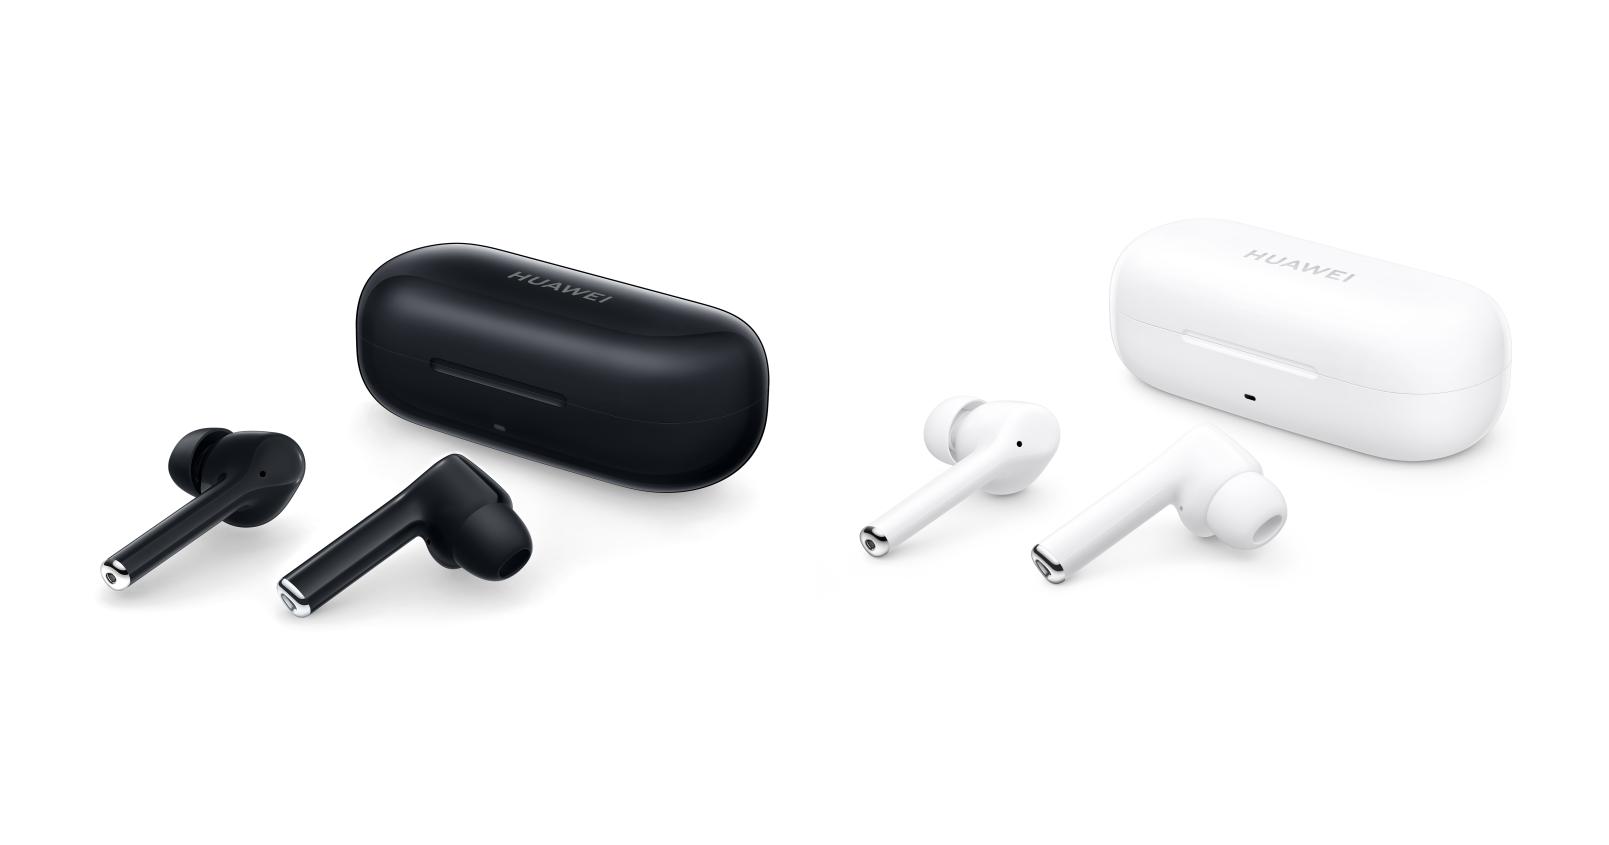 HUAWEI 新款主動式降噪真無線耳機 FreeBuds 3i 在台上市,早鳥限時價 3,290 元